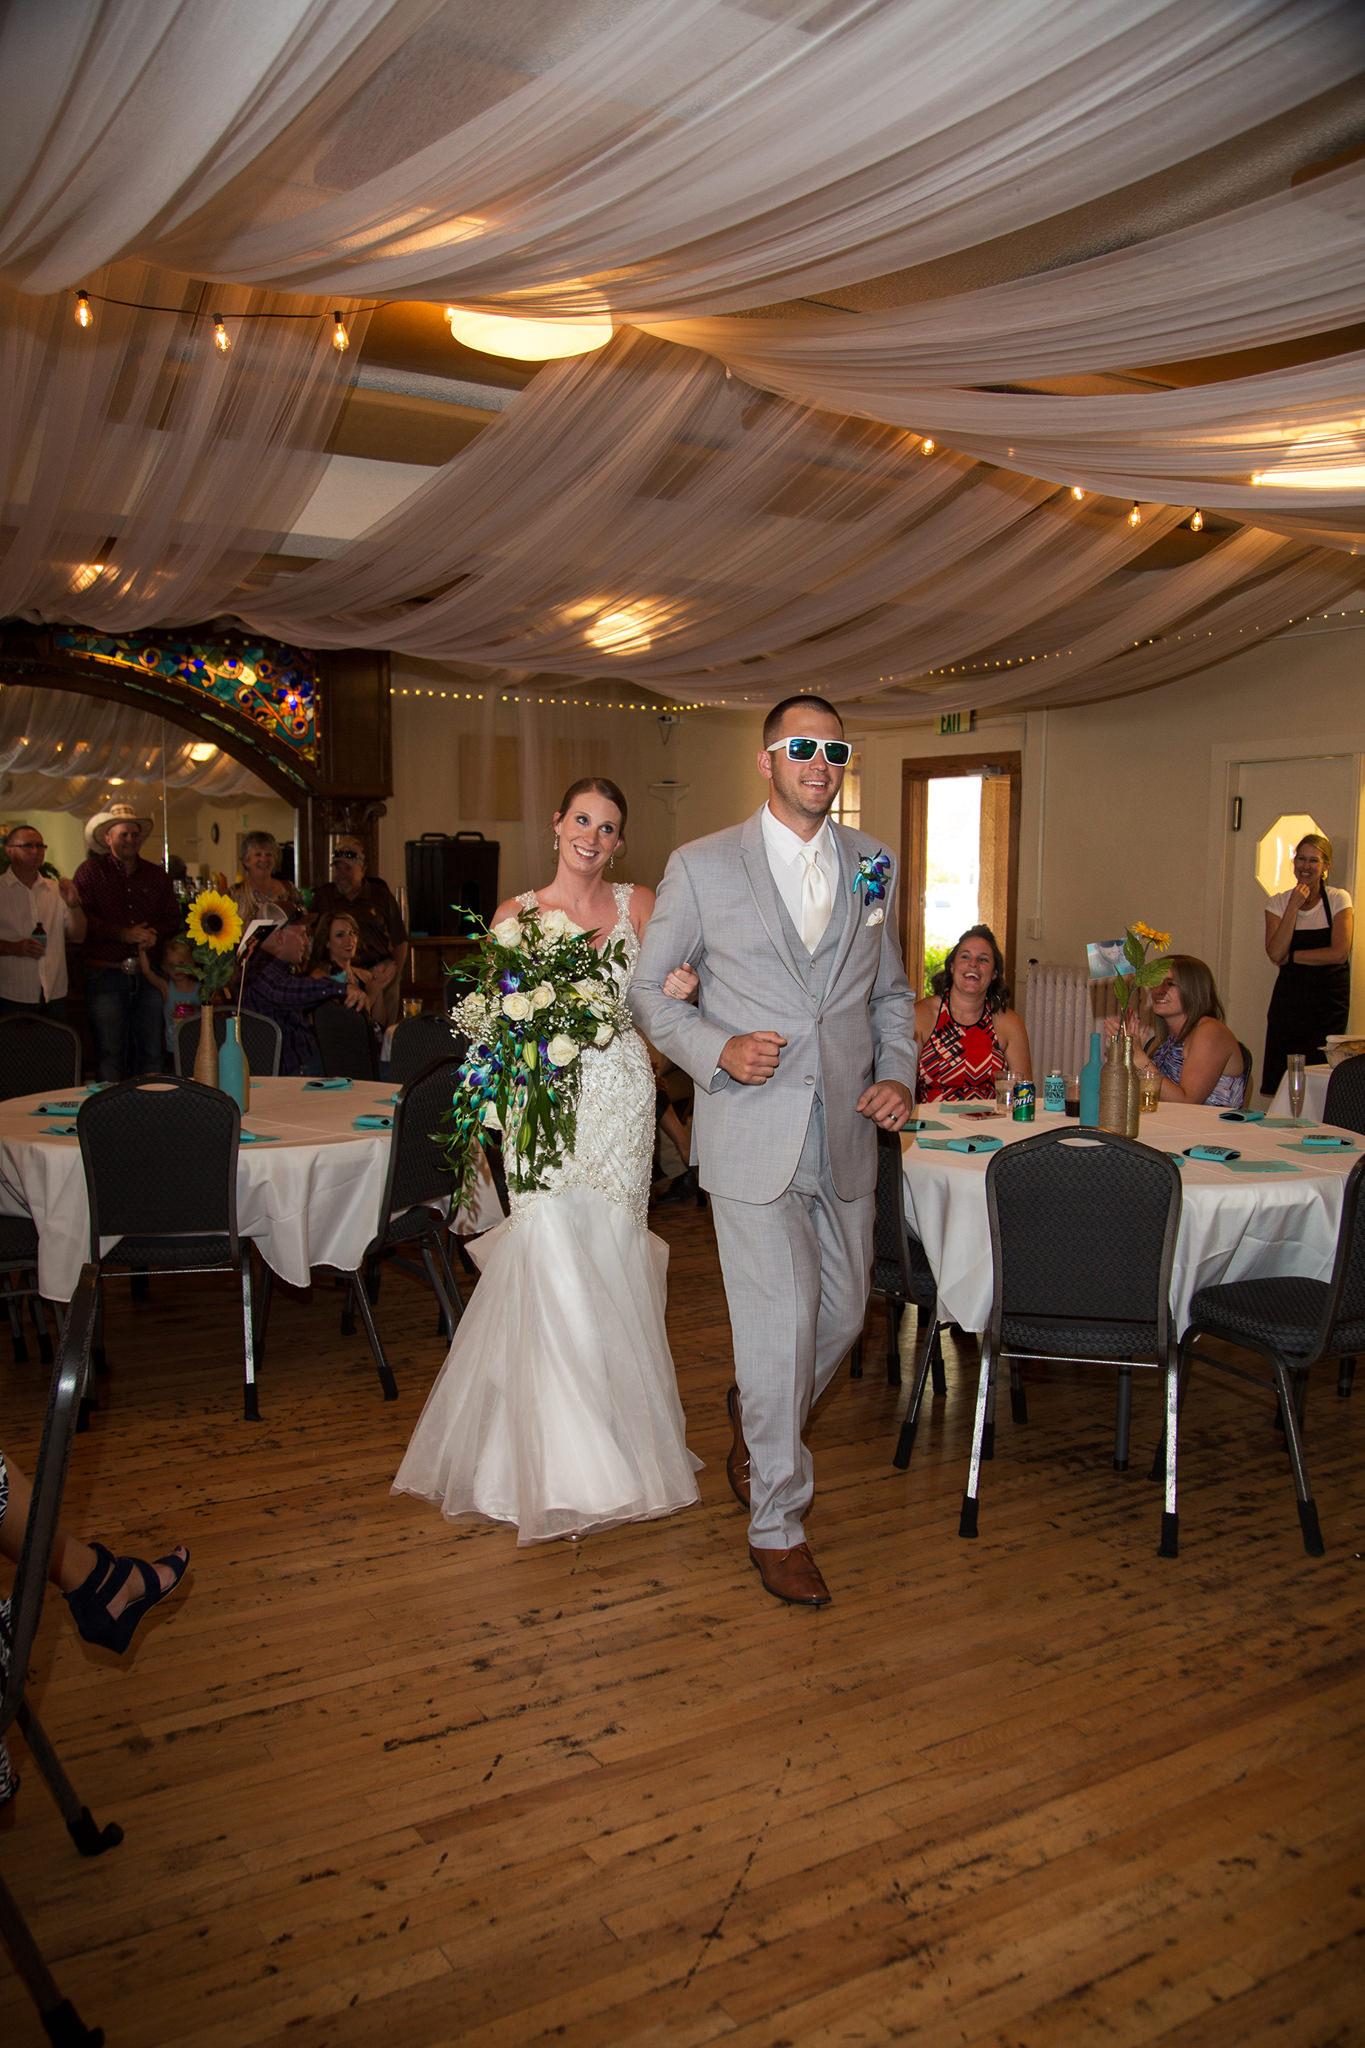 marchese_wedding_580 copy